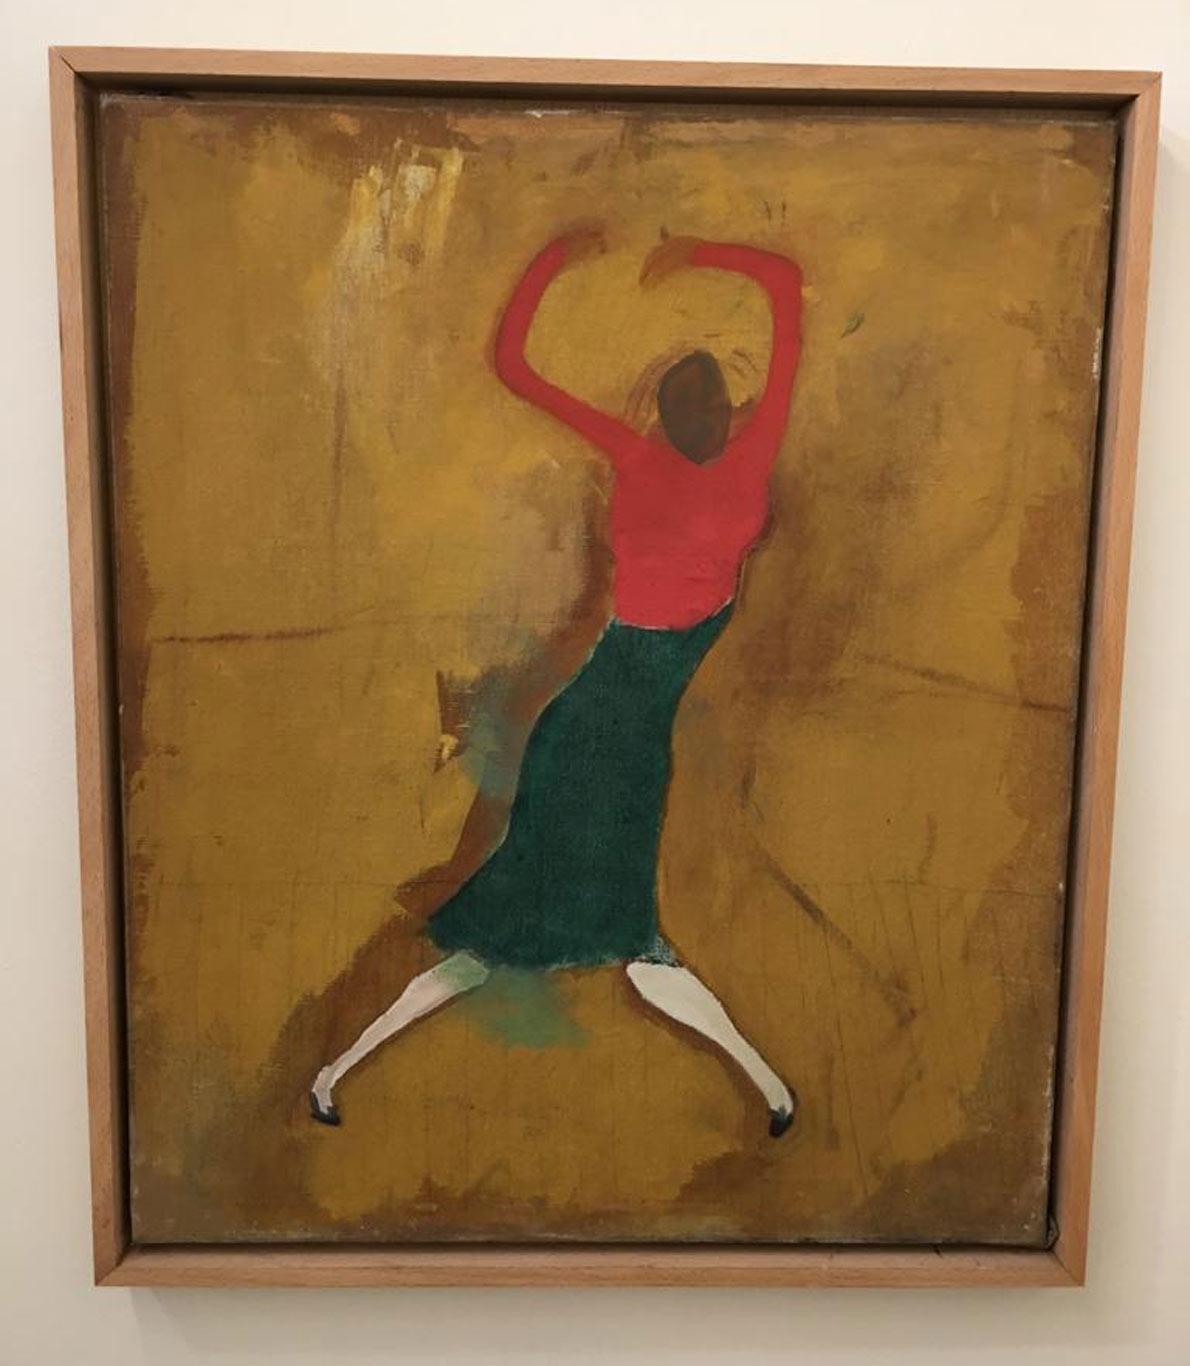 Quadro de mulher de costas bailando. Fundo a castanho em contraste com as cores vermelha e verda da roupa.